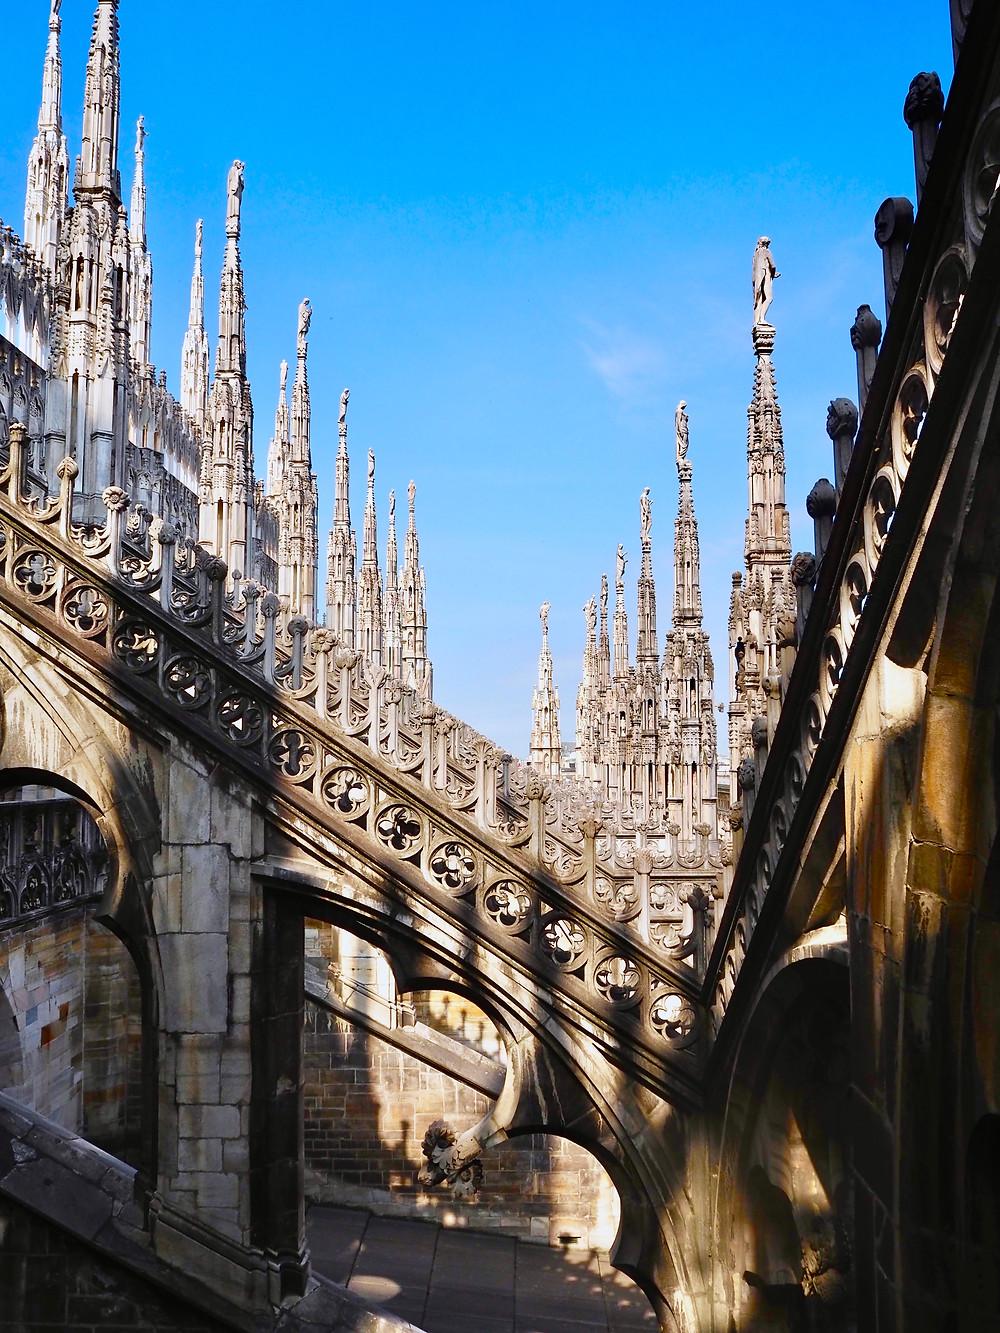 milan-cathedral-spires-1